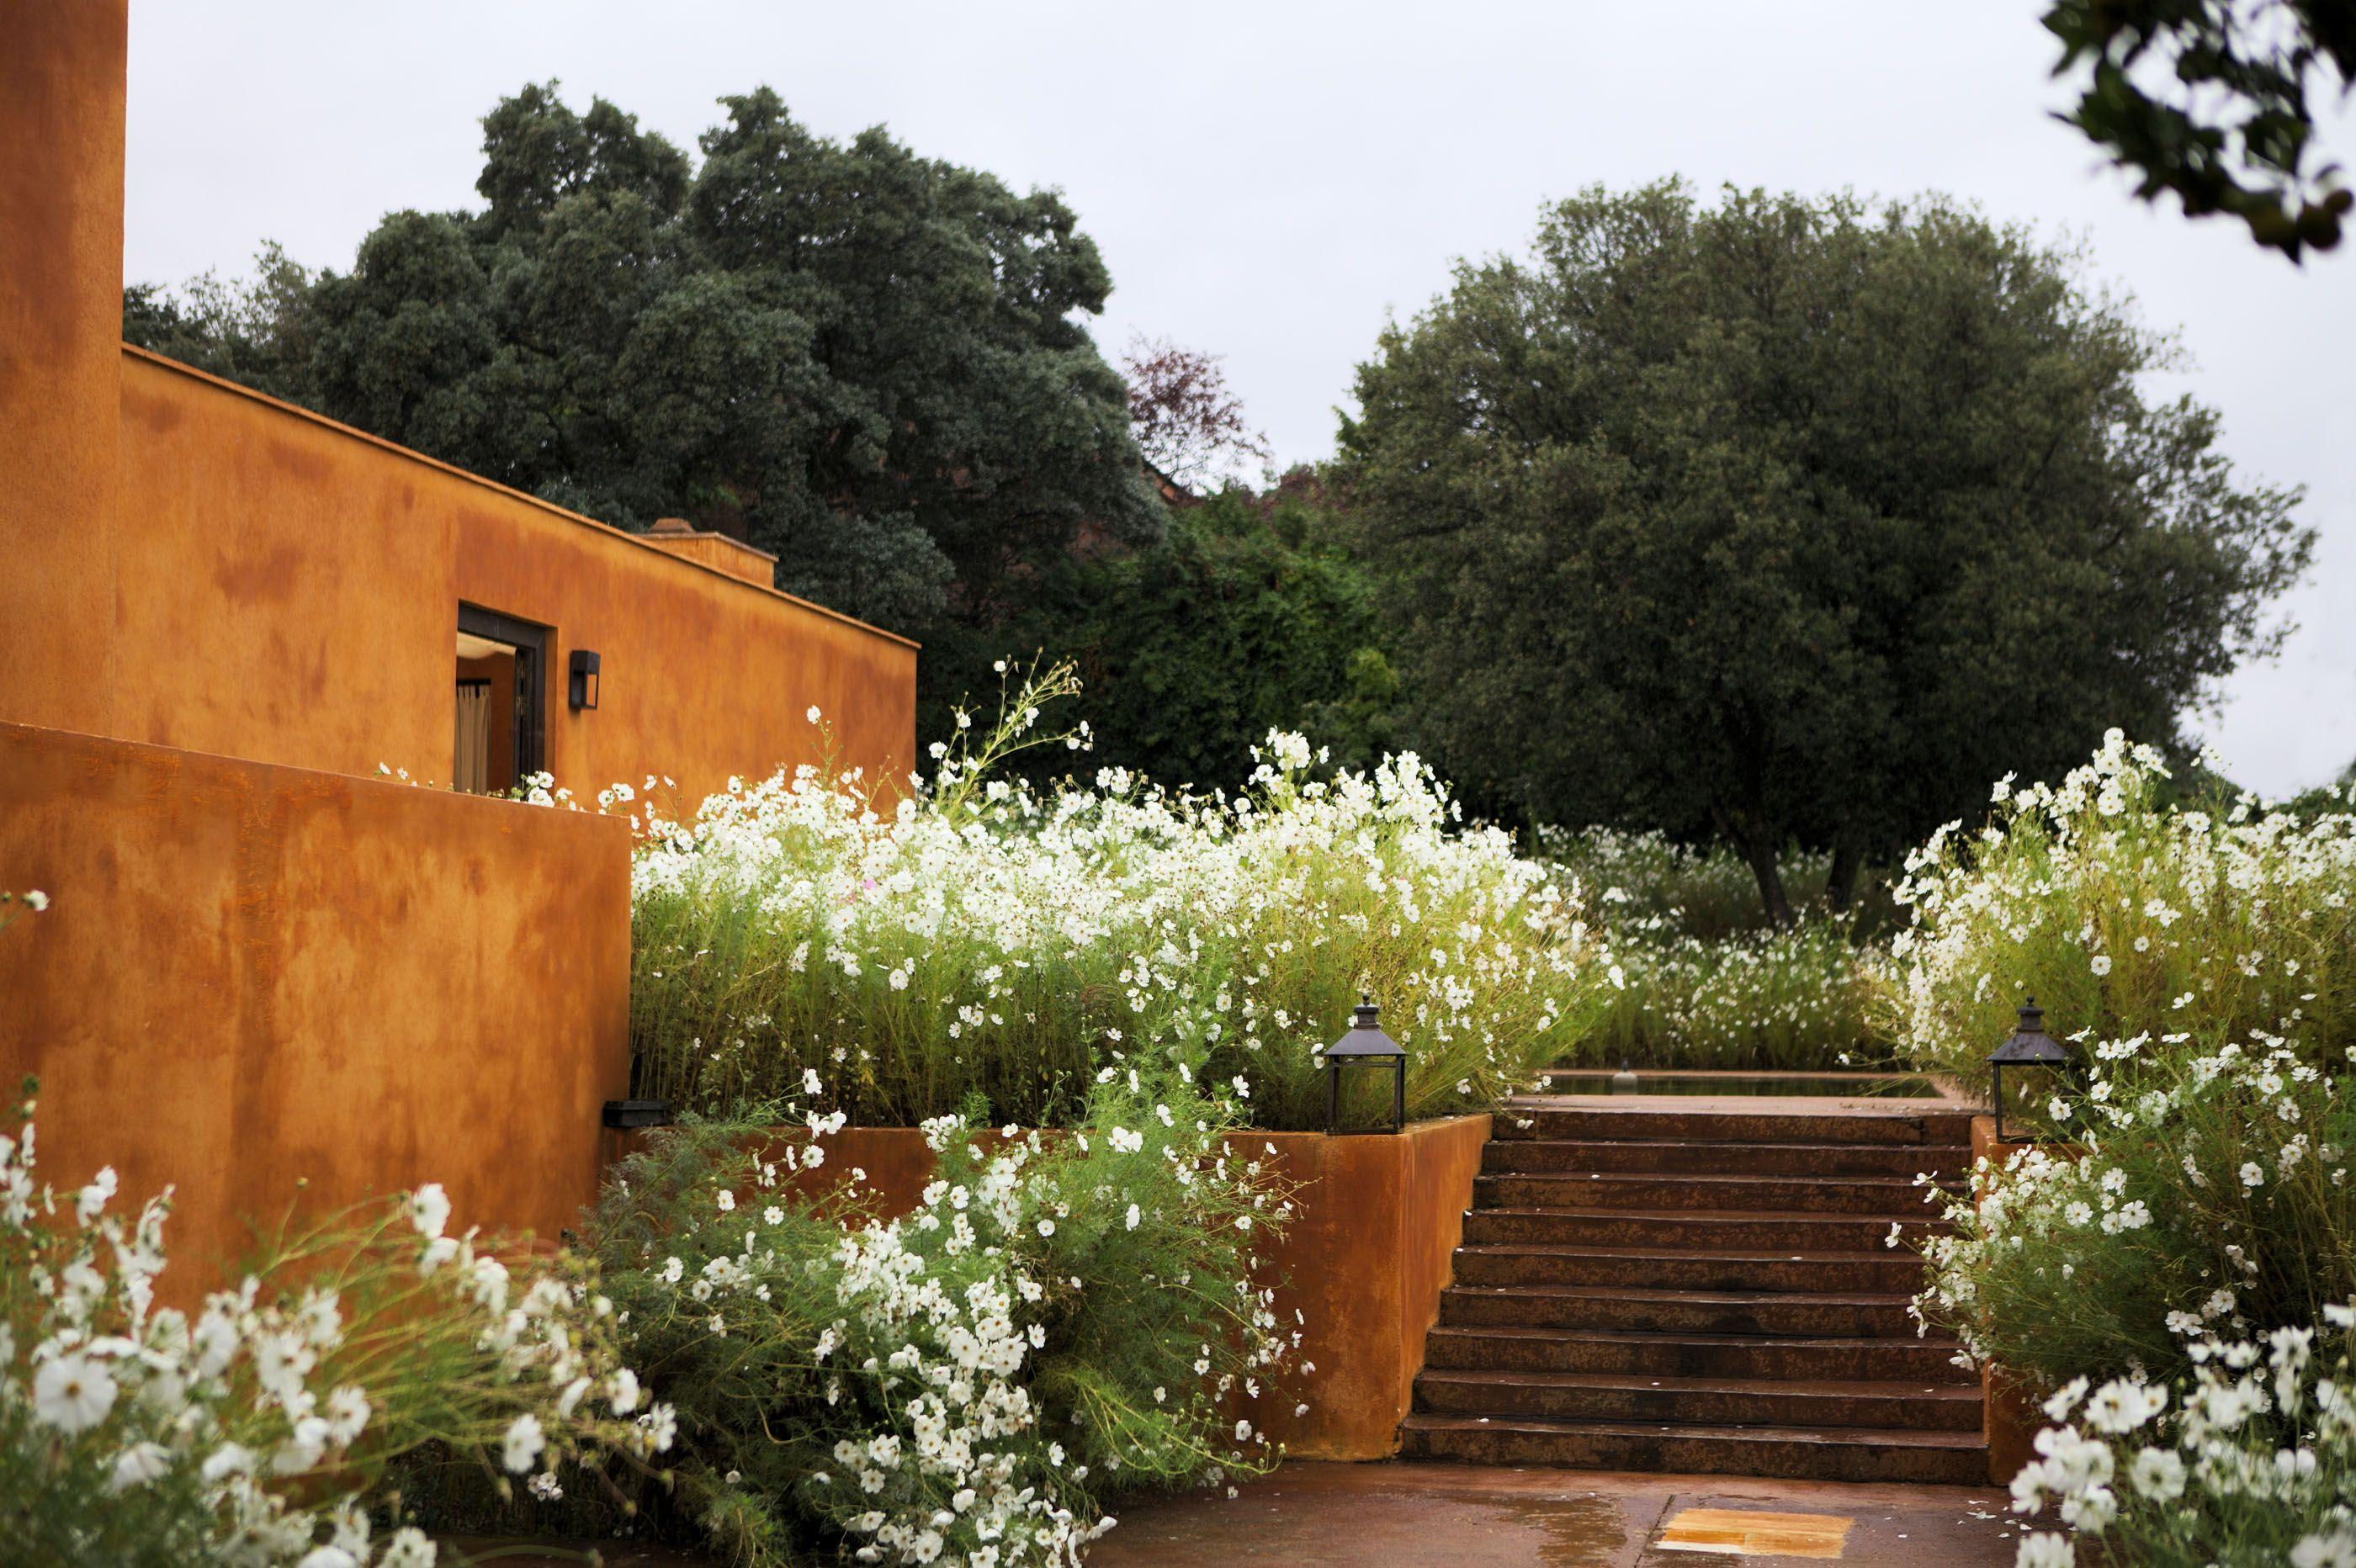 Caruncho garden architecture casa caruncho temporal for Paisajismo jardines casas